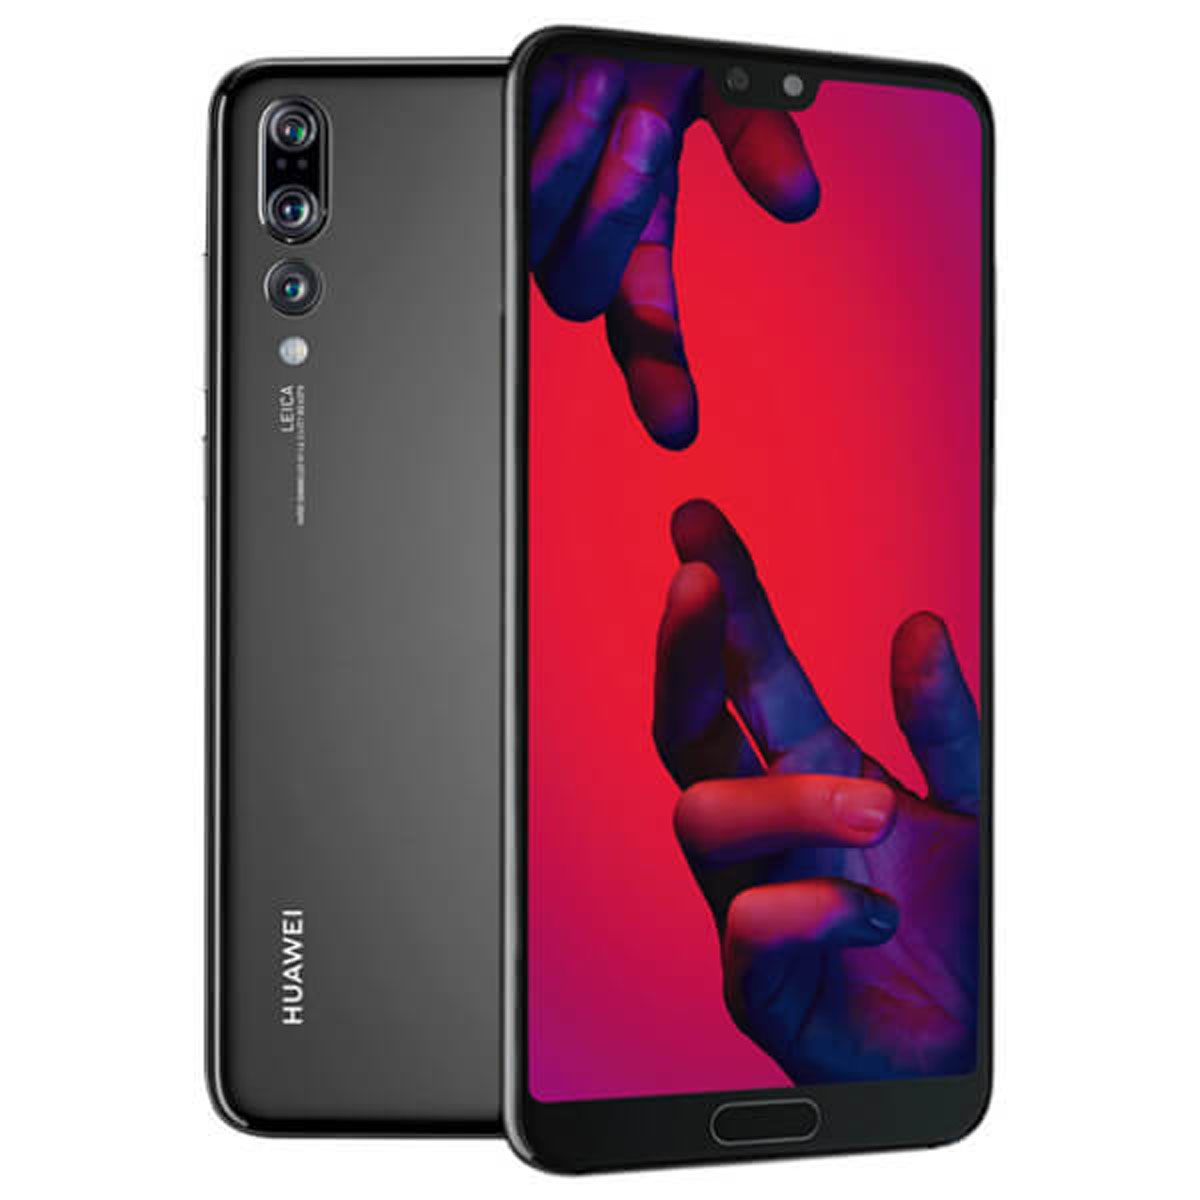 Huawei p20 pro 6gb/128gb negro single